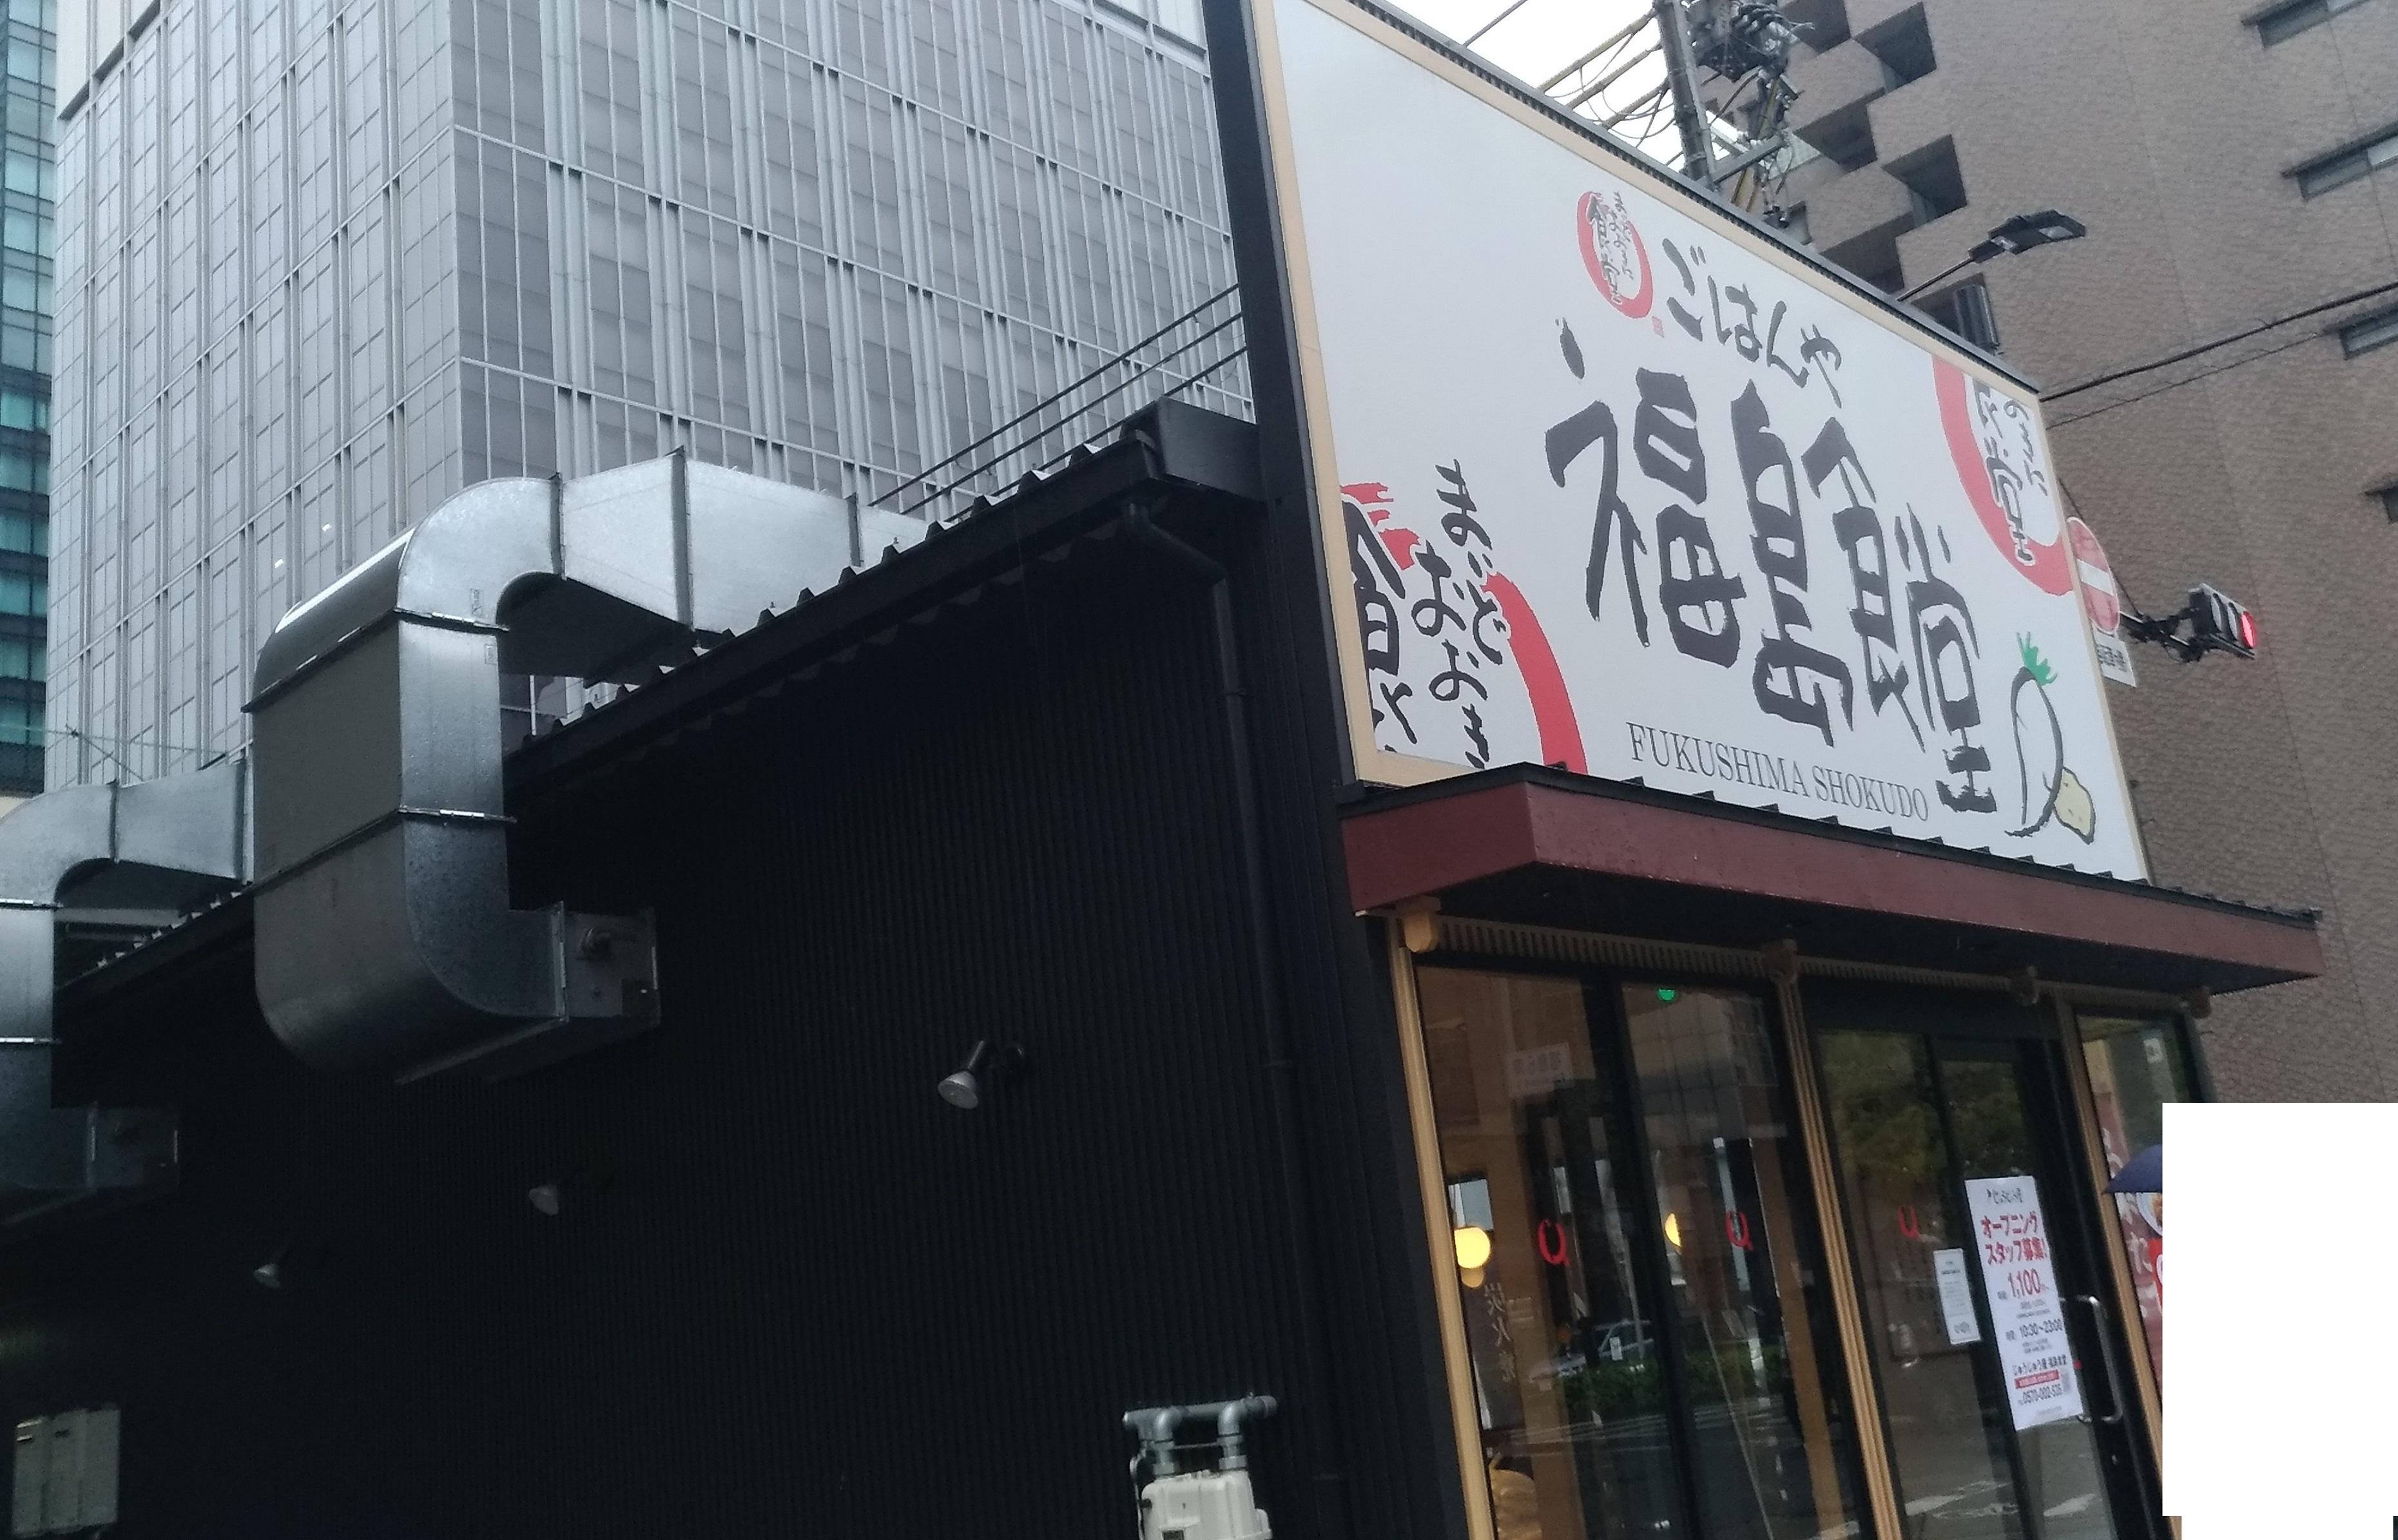 osaka_fukushima_open_shokudo_2.jpg